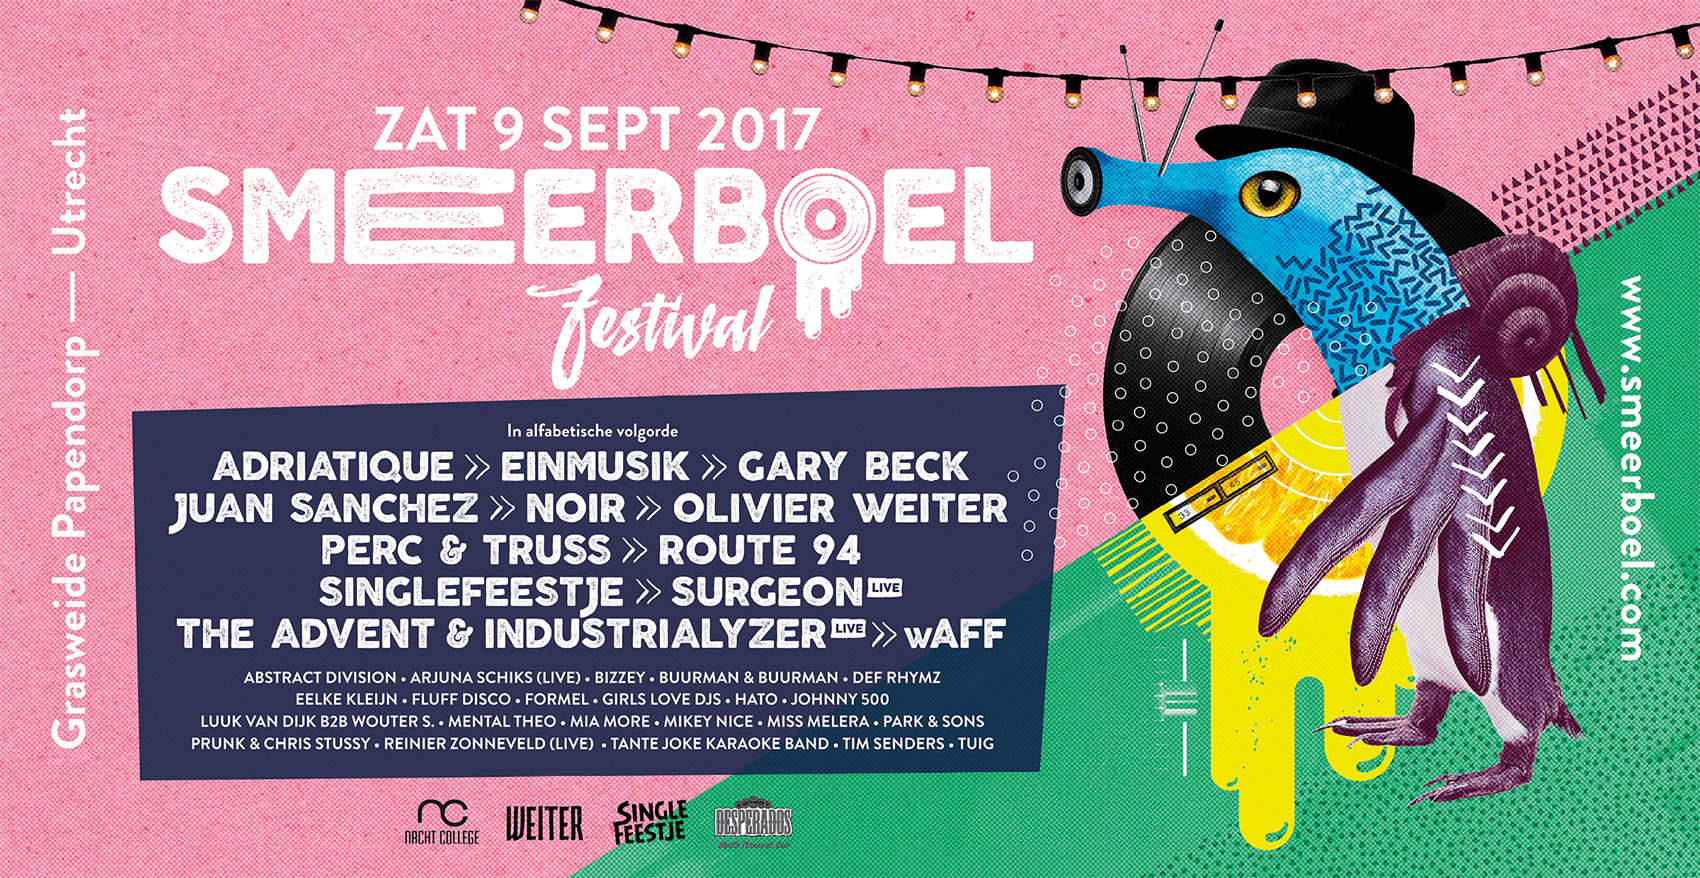 Smeerboel-2017